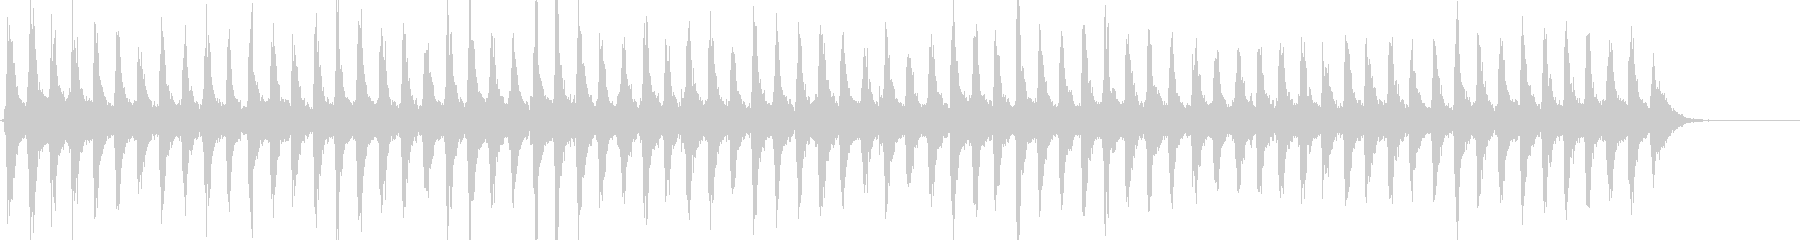 クリスマスのベル ジングルベルX'masの未再生の波形